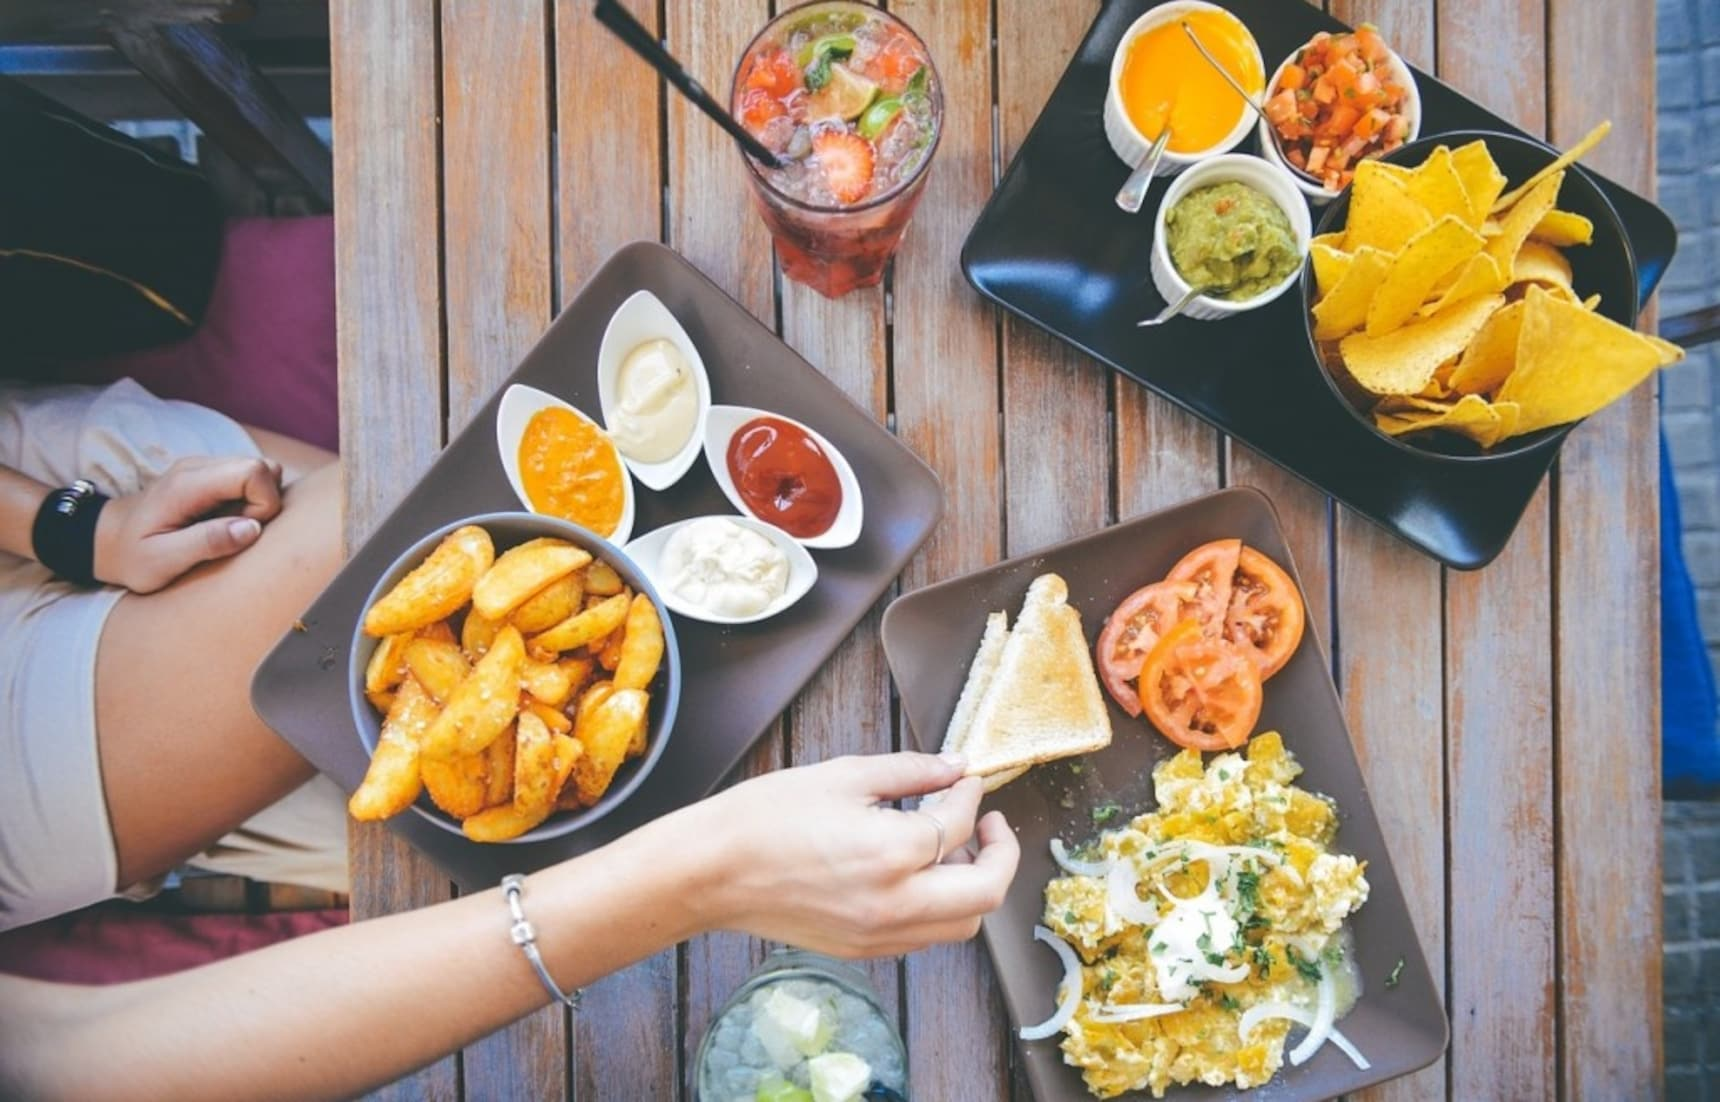 即使是减肥中,也可以去享用的4家东京餐厅